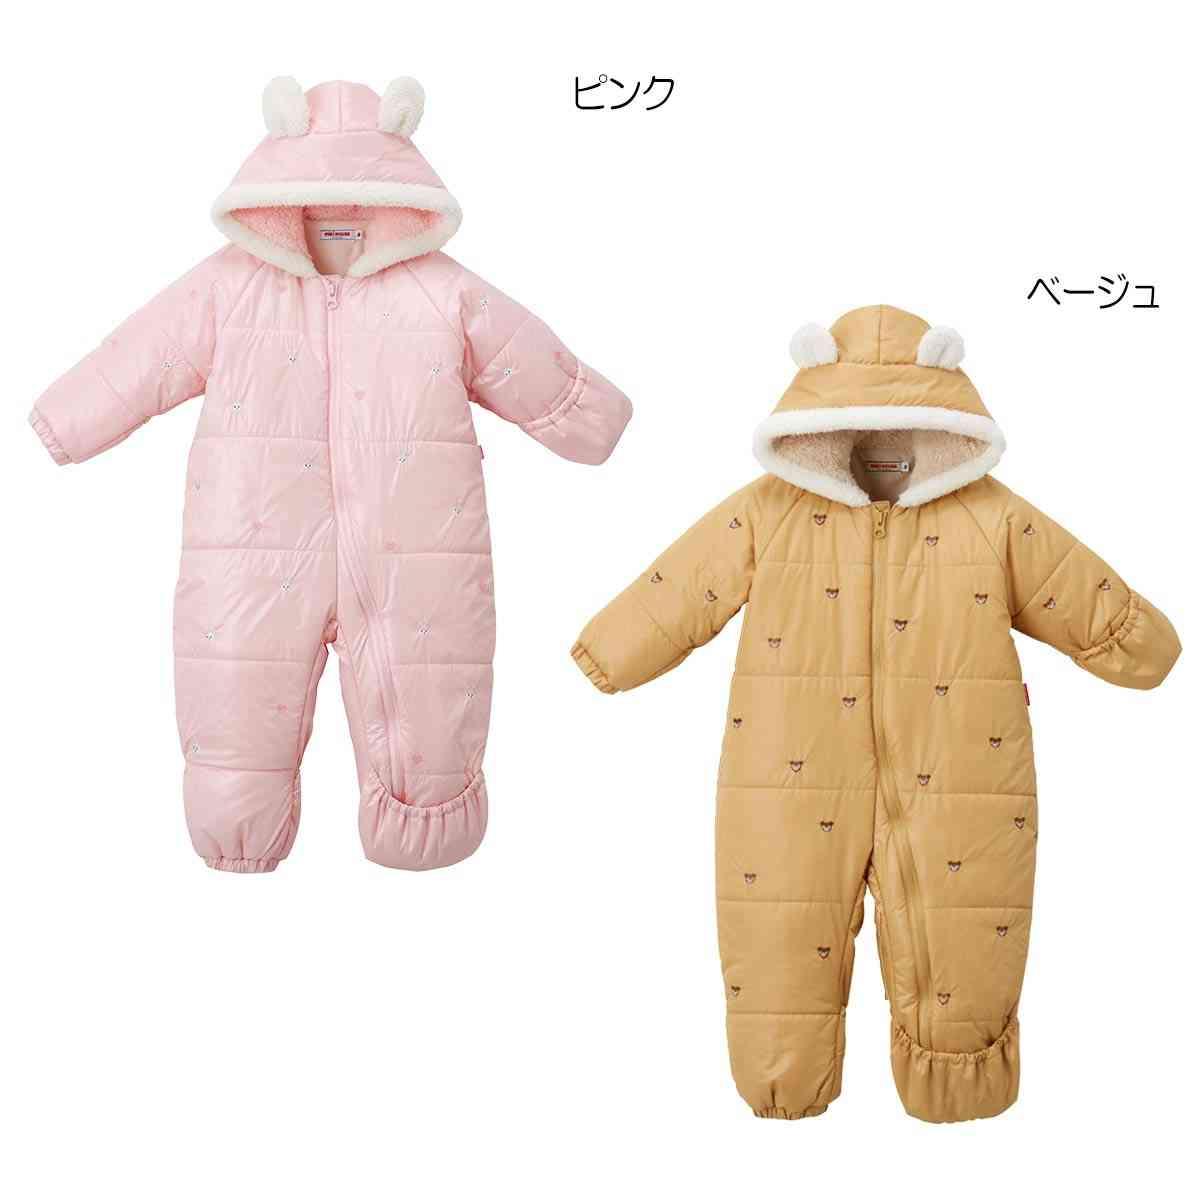 ミキハウス プッチー&うさこプチ刺繍入りジャンプスーツ (M/L) mikihouse [13-1202-267]new10